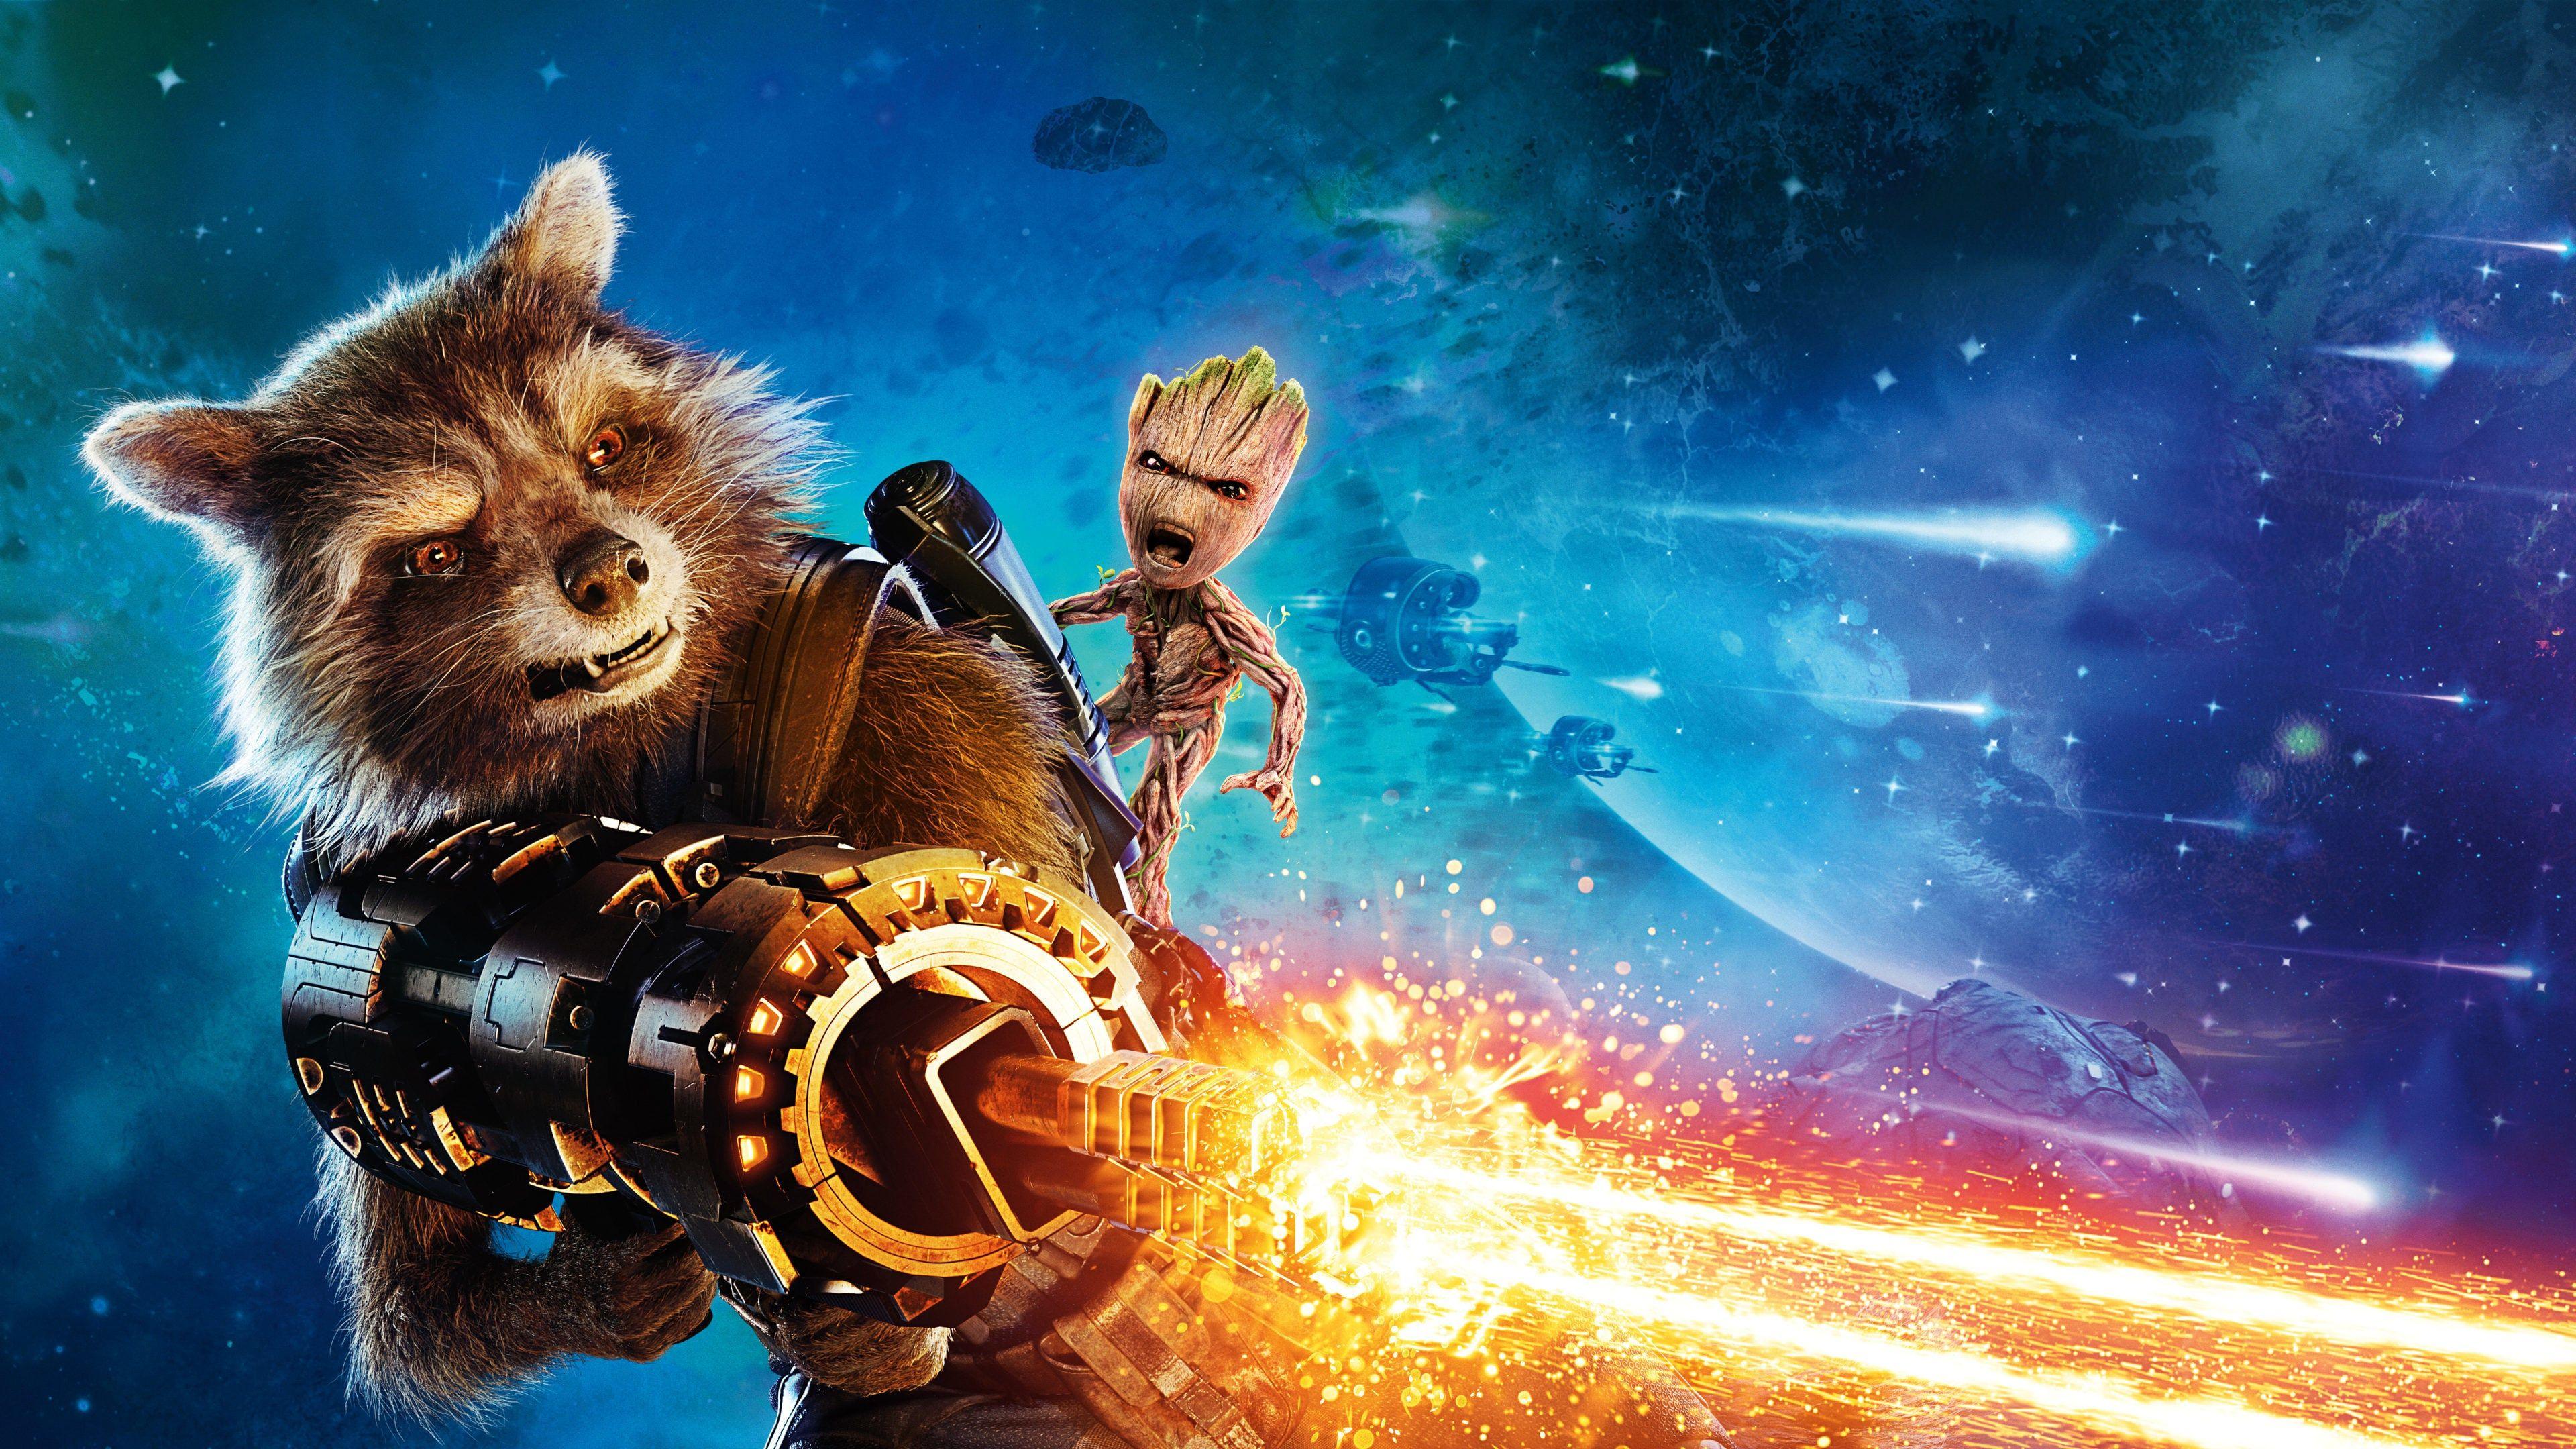 Guardians Of The Galaxy Vol 2 2017 Ganzer Film Deutsch Komplett Kino Gerade Erst Sind In Guardians Of Guardians Of The Galaxy Vol 2 Rocket Raccoon Baby Groot